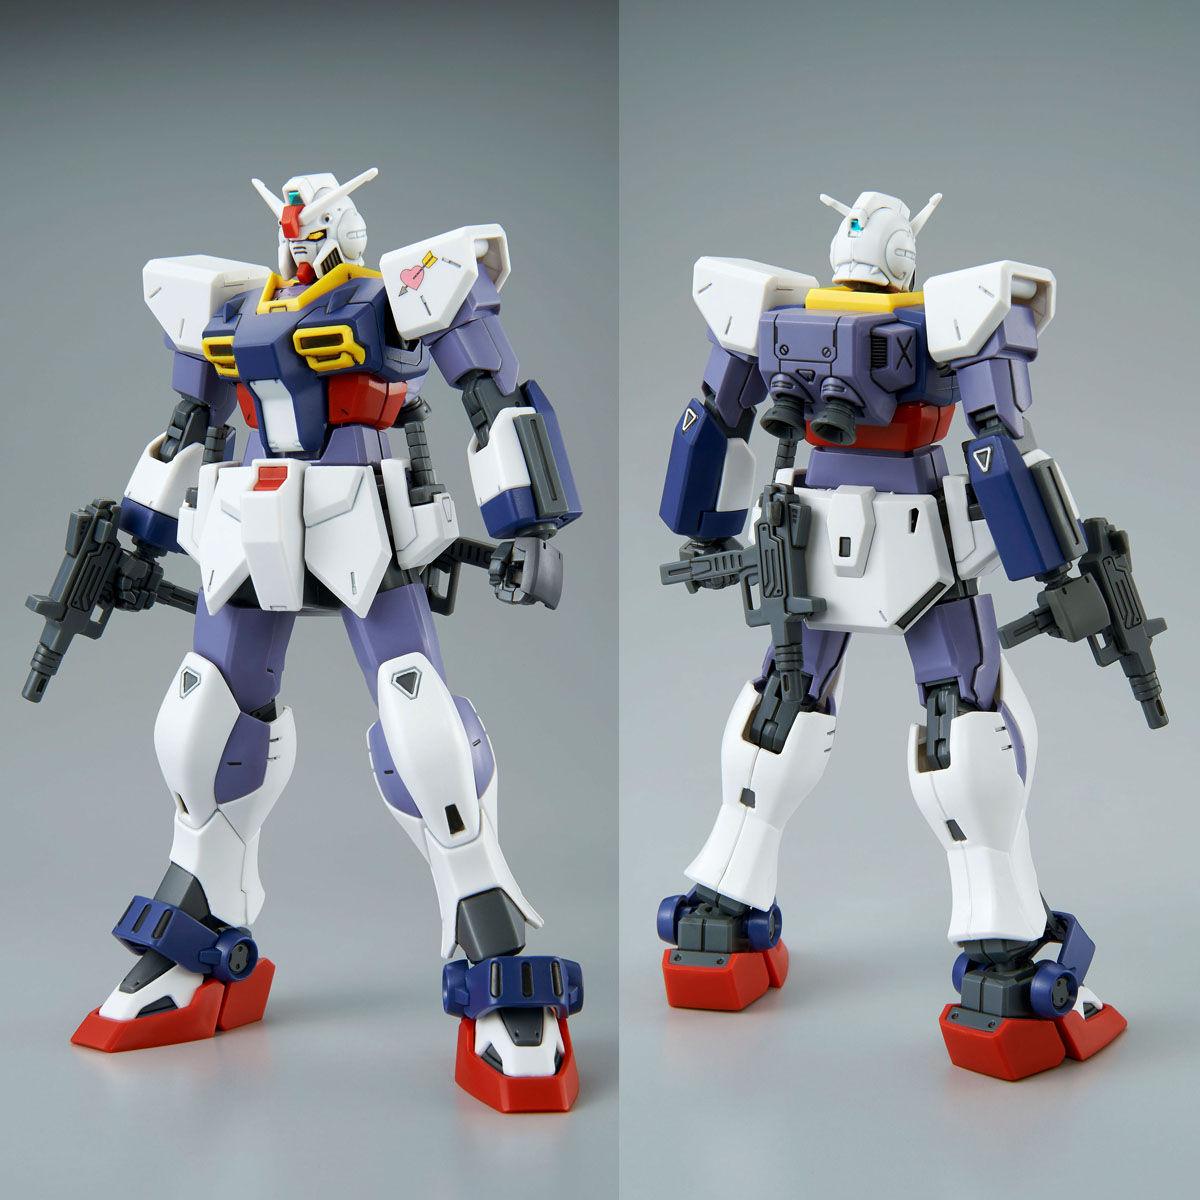 RX-78XX ピクシー〈ガンダム・ピクシー〉 [Gundam Pixy]